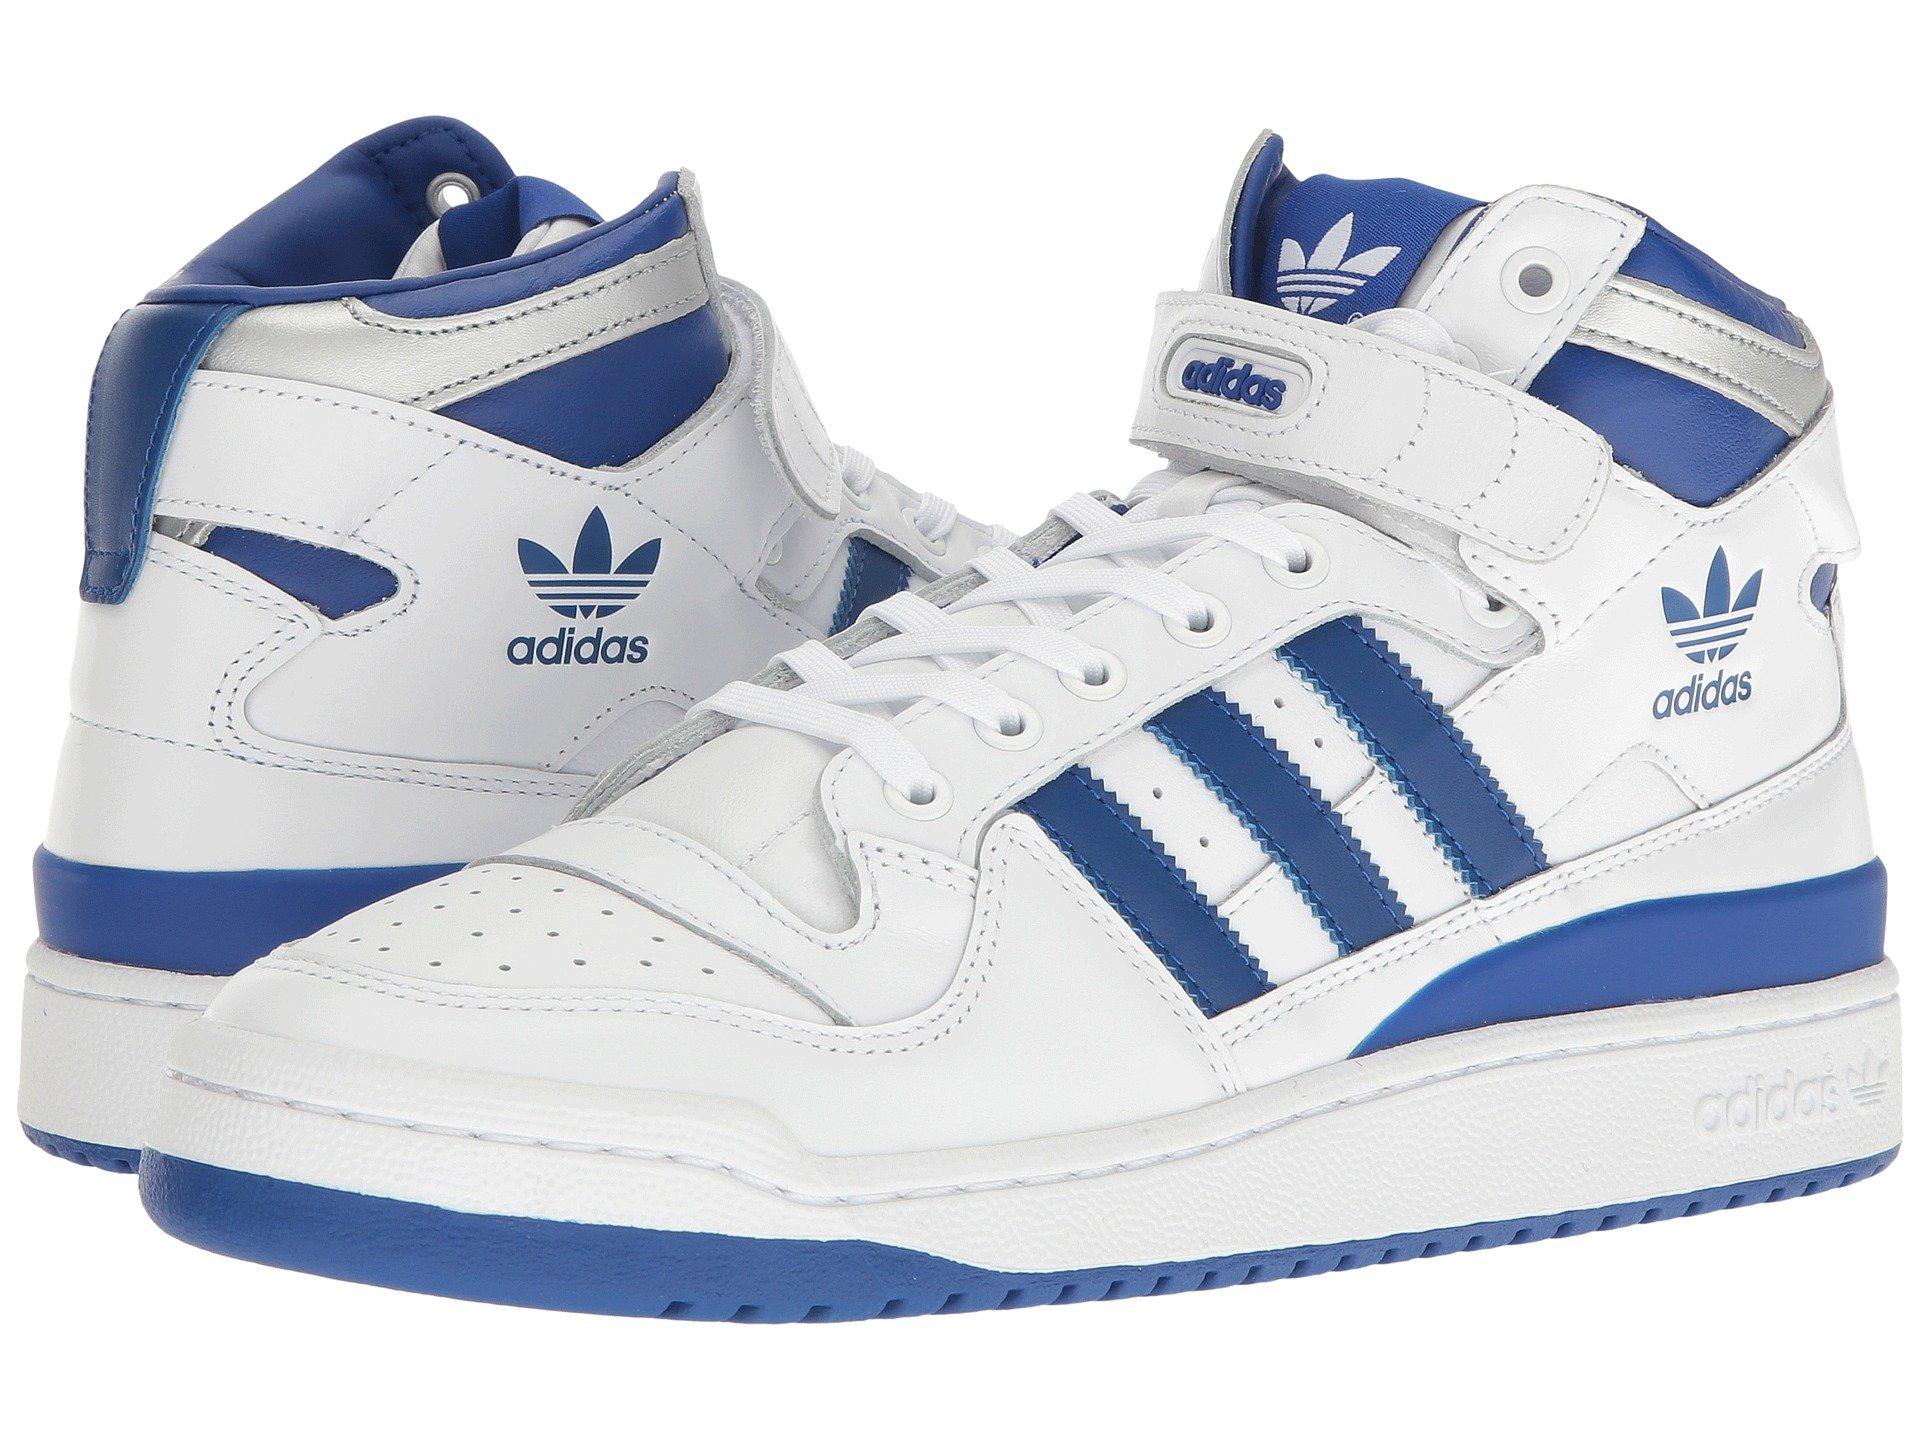 Adidas Originals Forum Mid blanco / Collegiate Royal refinado, Calzado